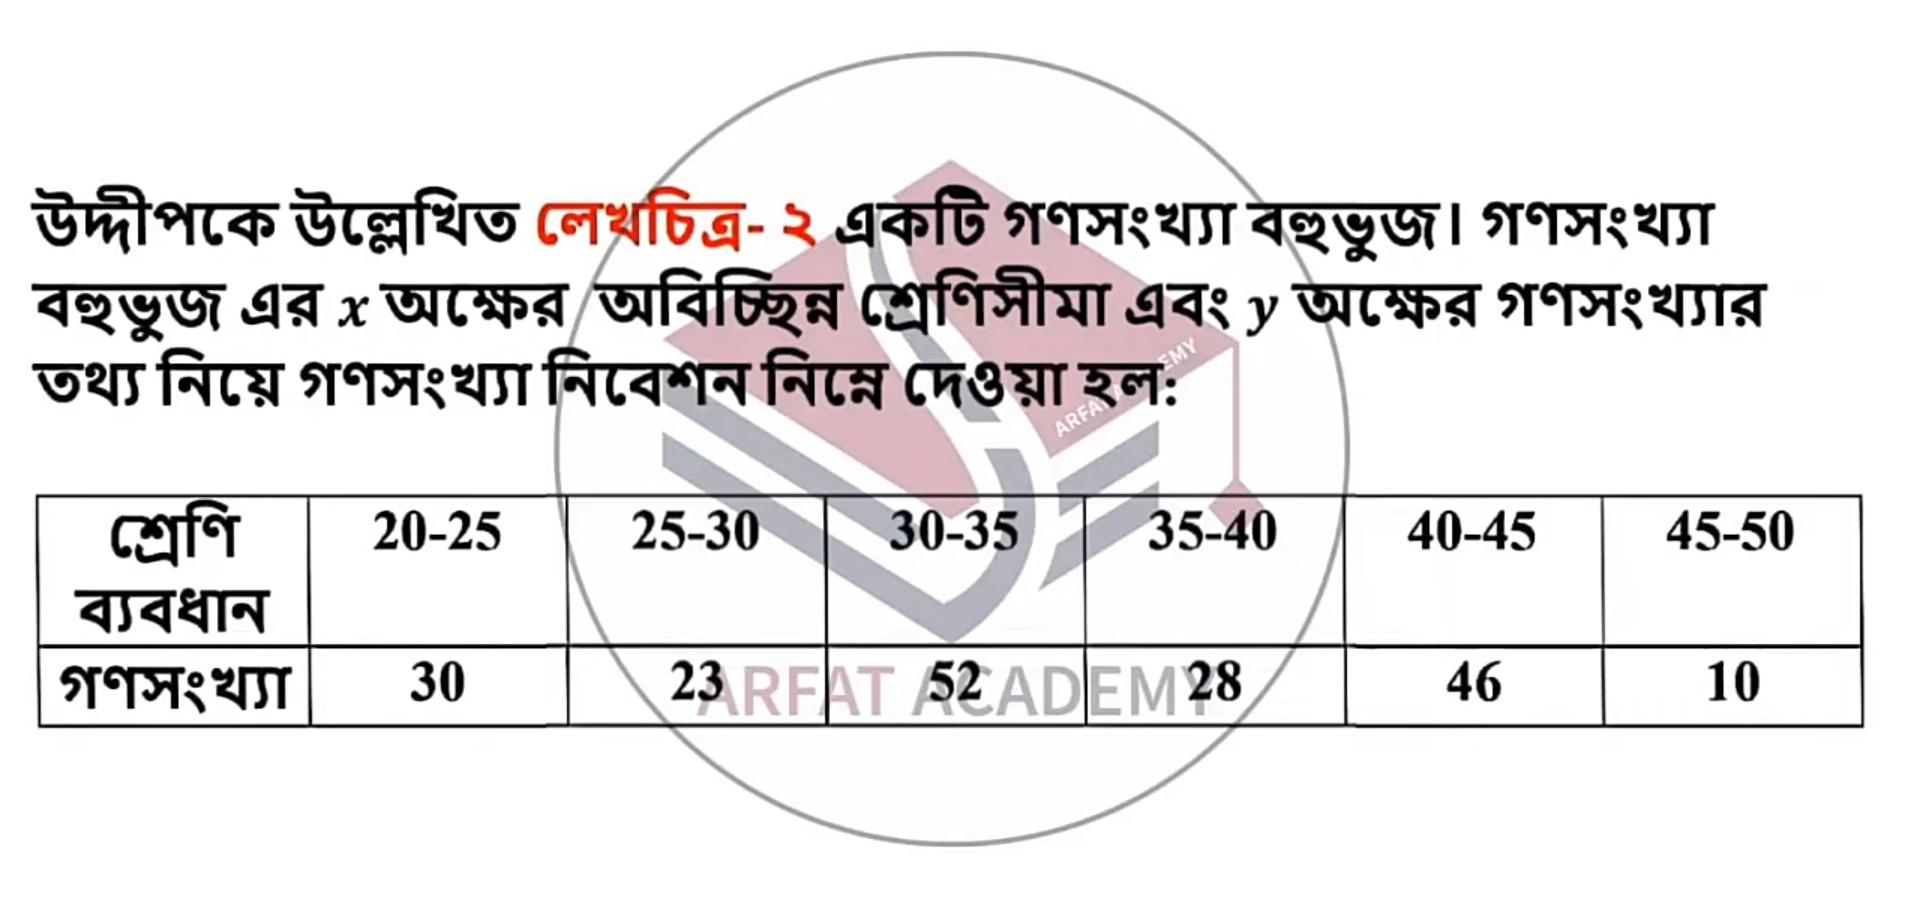 Class 9 19th week Assignment 2021